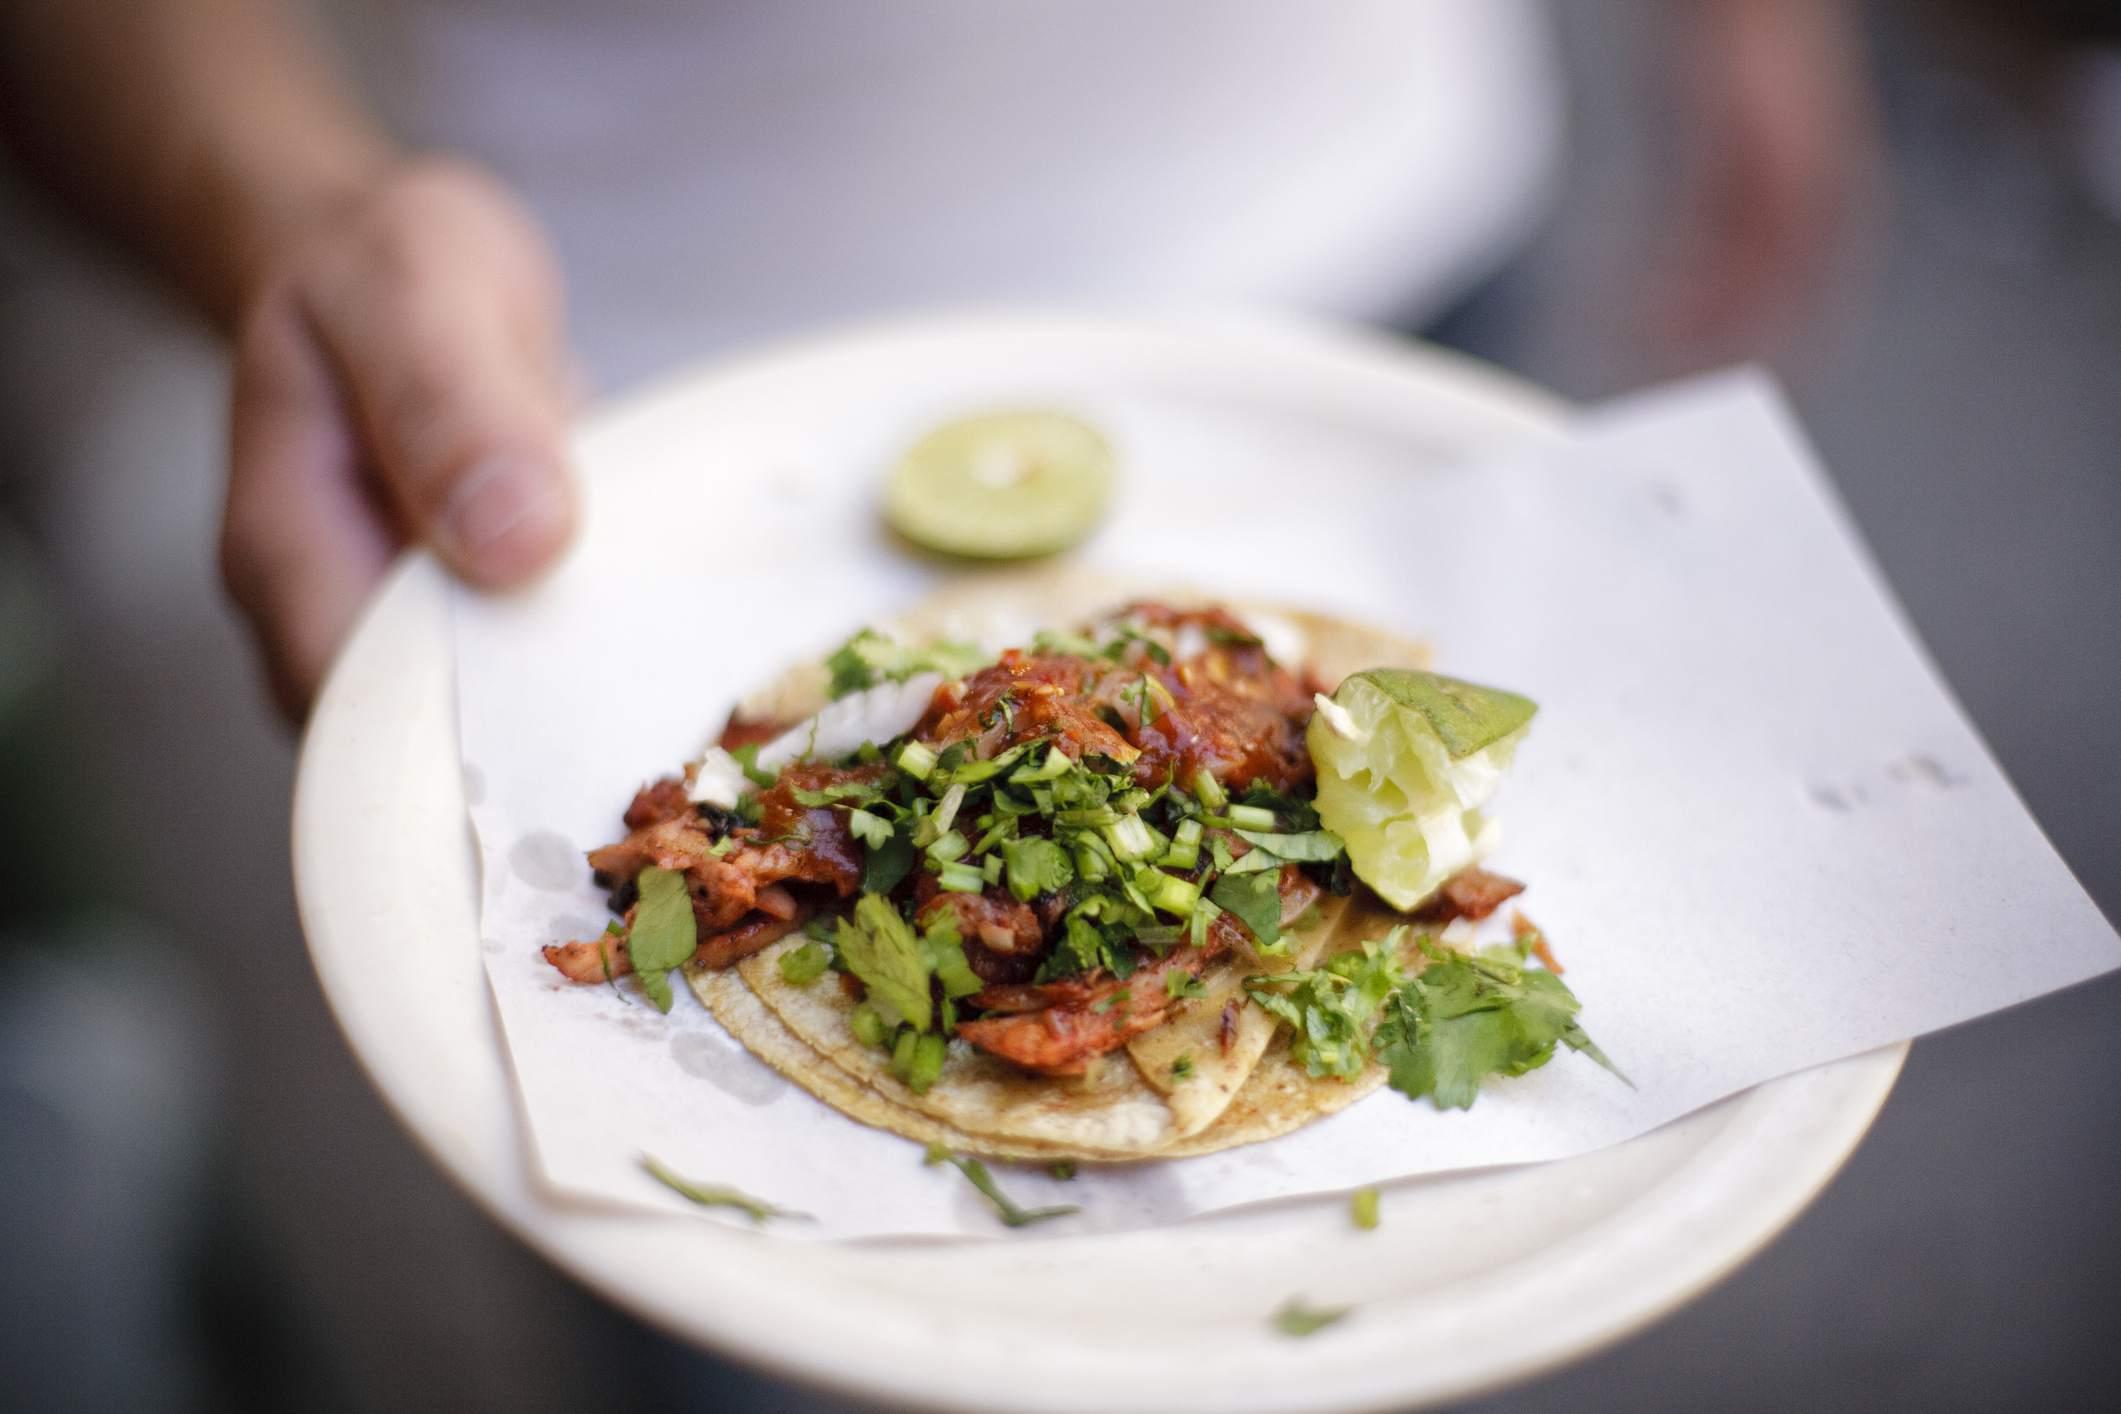 Taco servido de un vendedor ambulante en la Ciudad de México, México